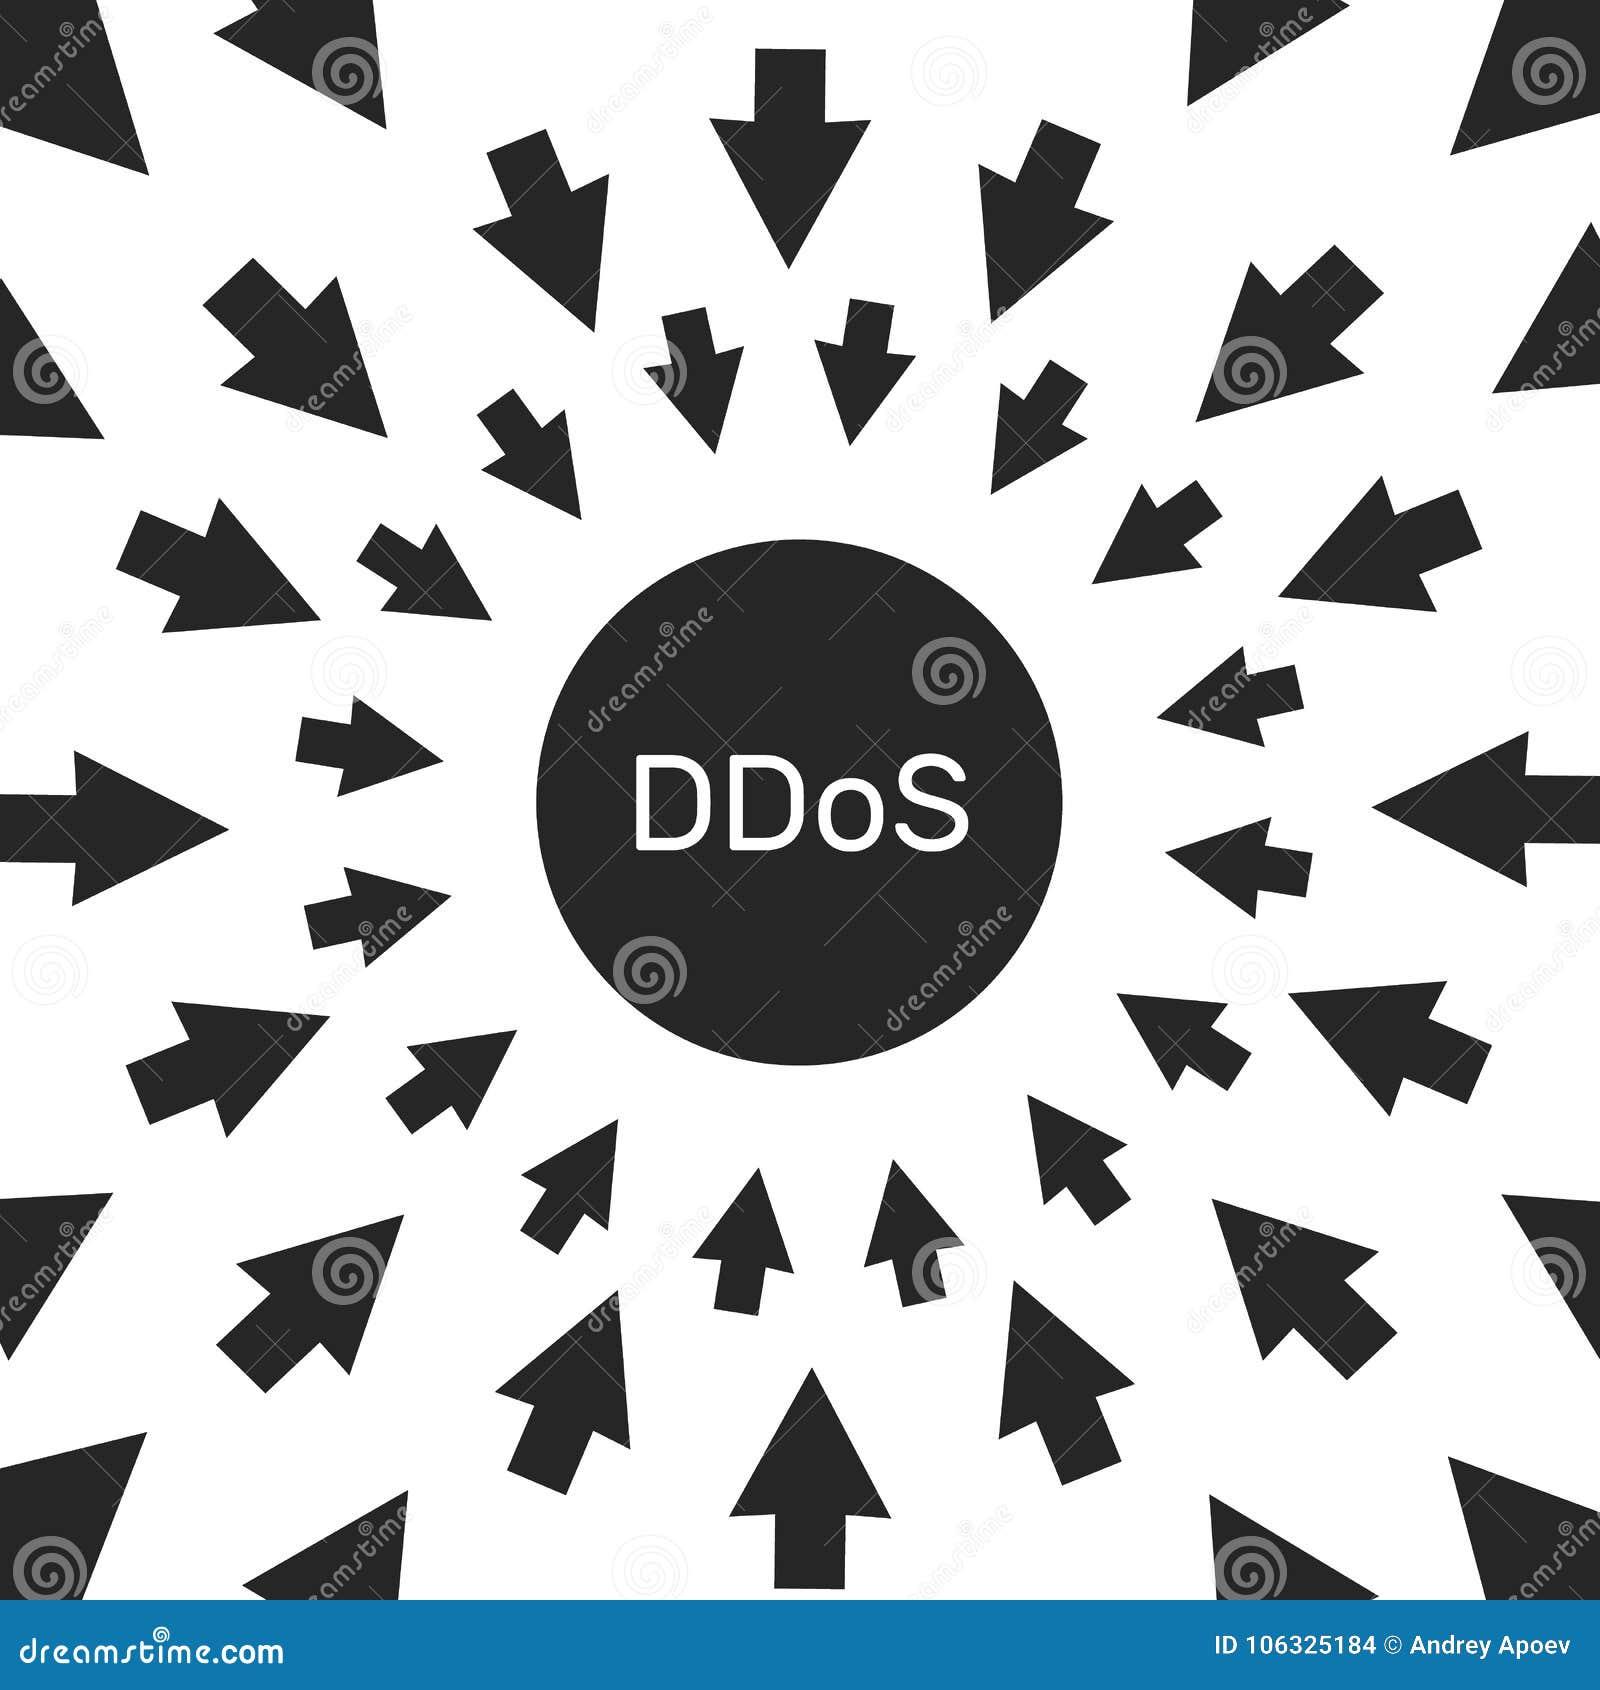 Ataque del pirata informático del DDoS amenaza de la seguridad informática y de la red